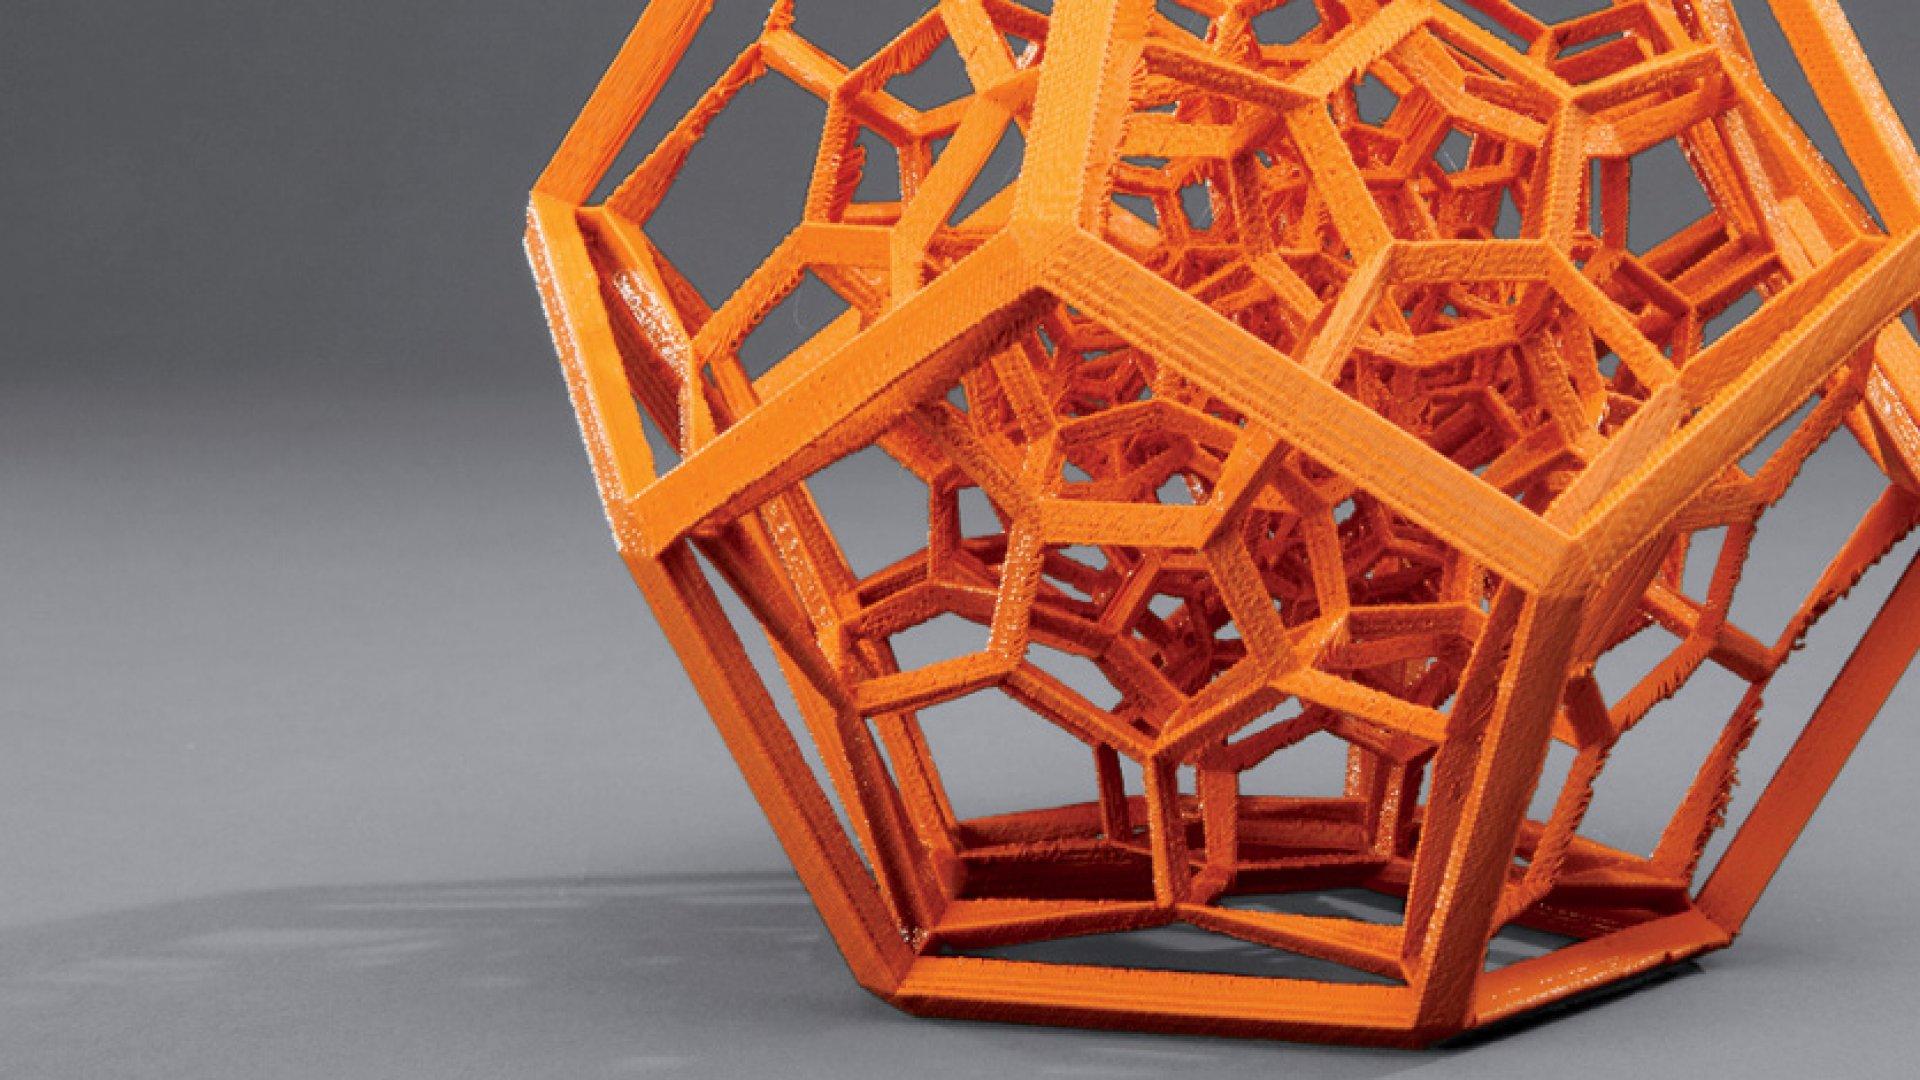 <b>Just Press Print</b> A sculpture made by a MakerBot 3-D printer.